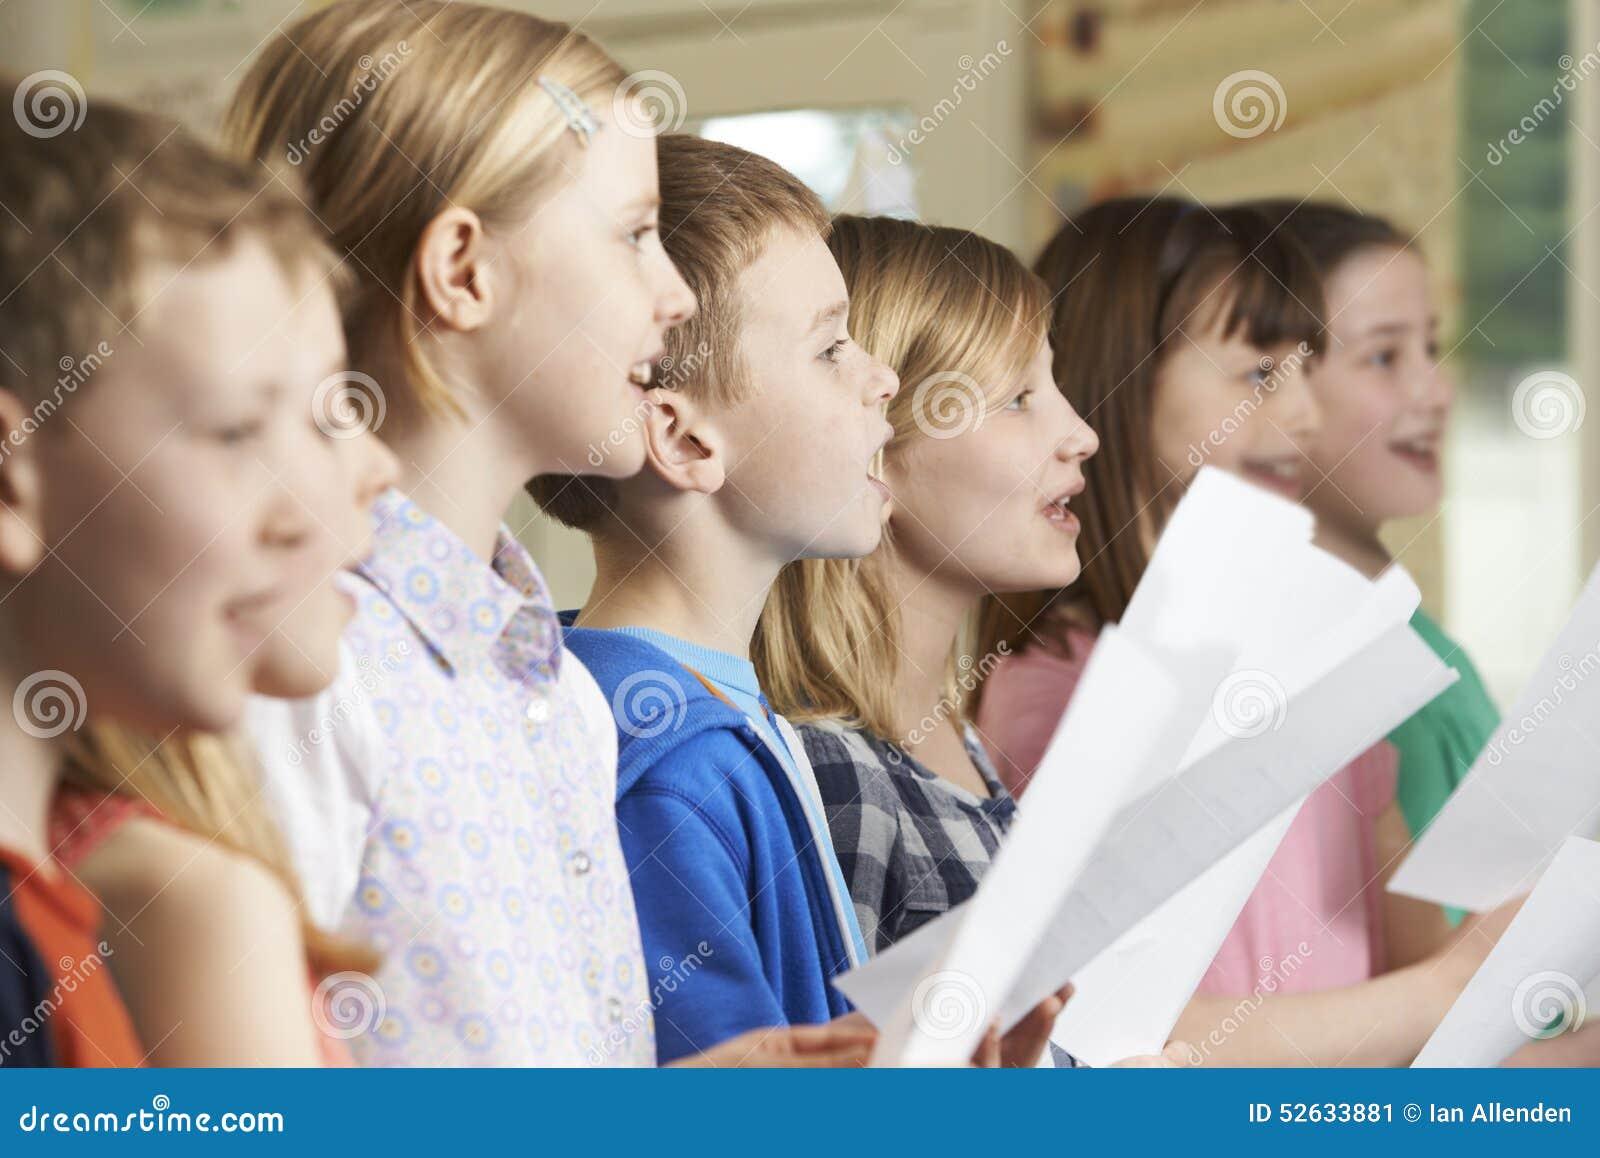 Grupa dziecko w wieku szkolnym Śpiewa W Szkolnym chorze